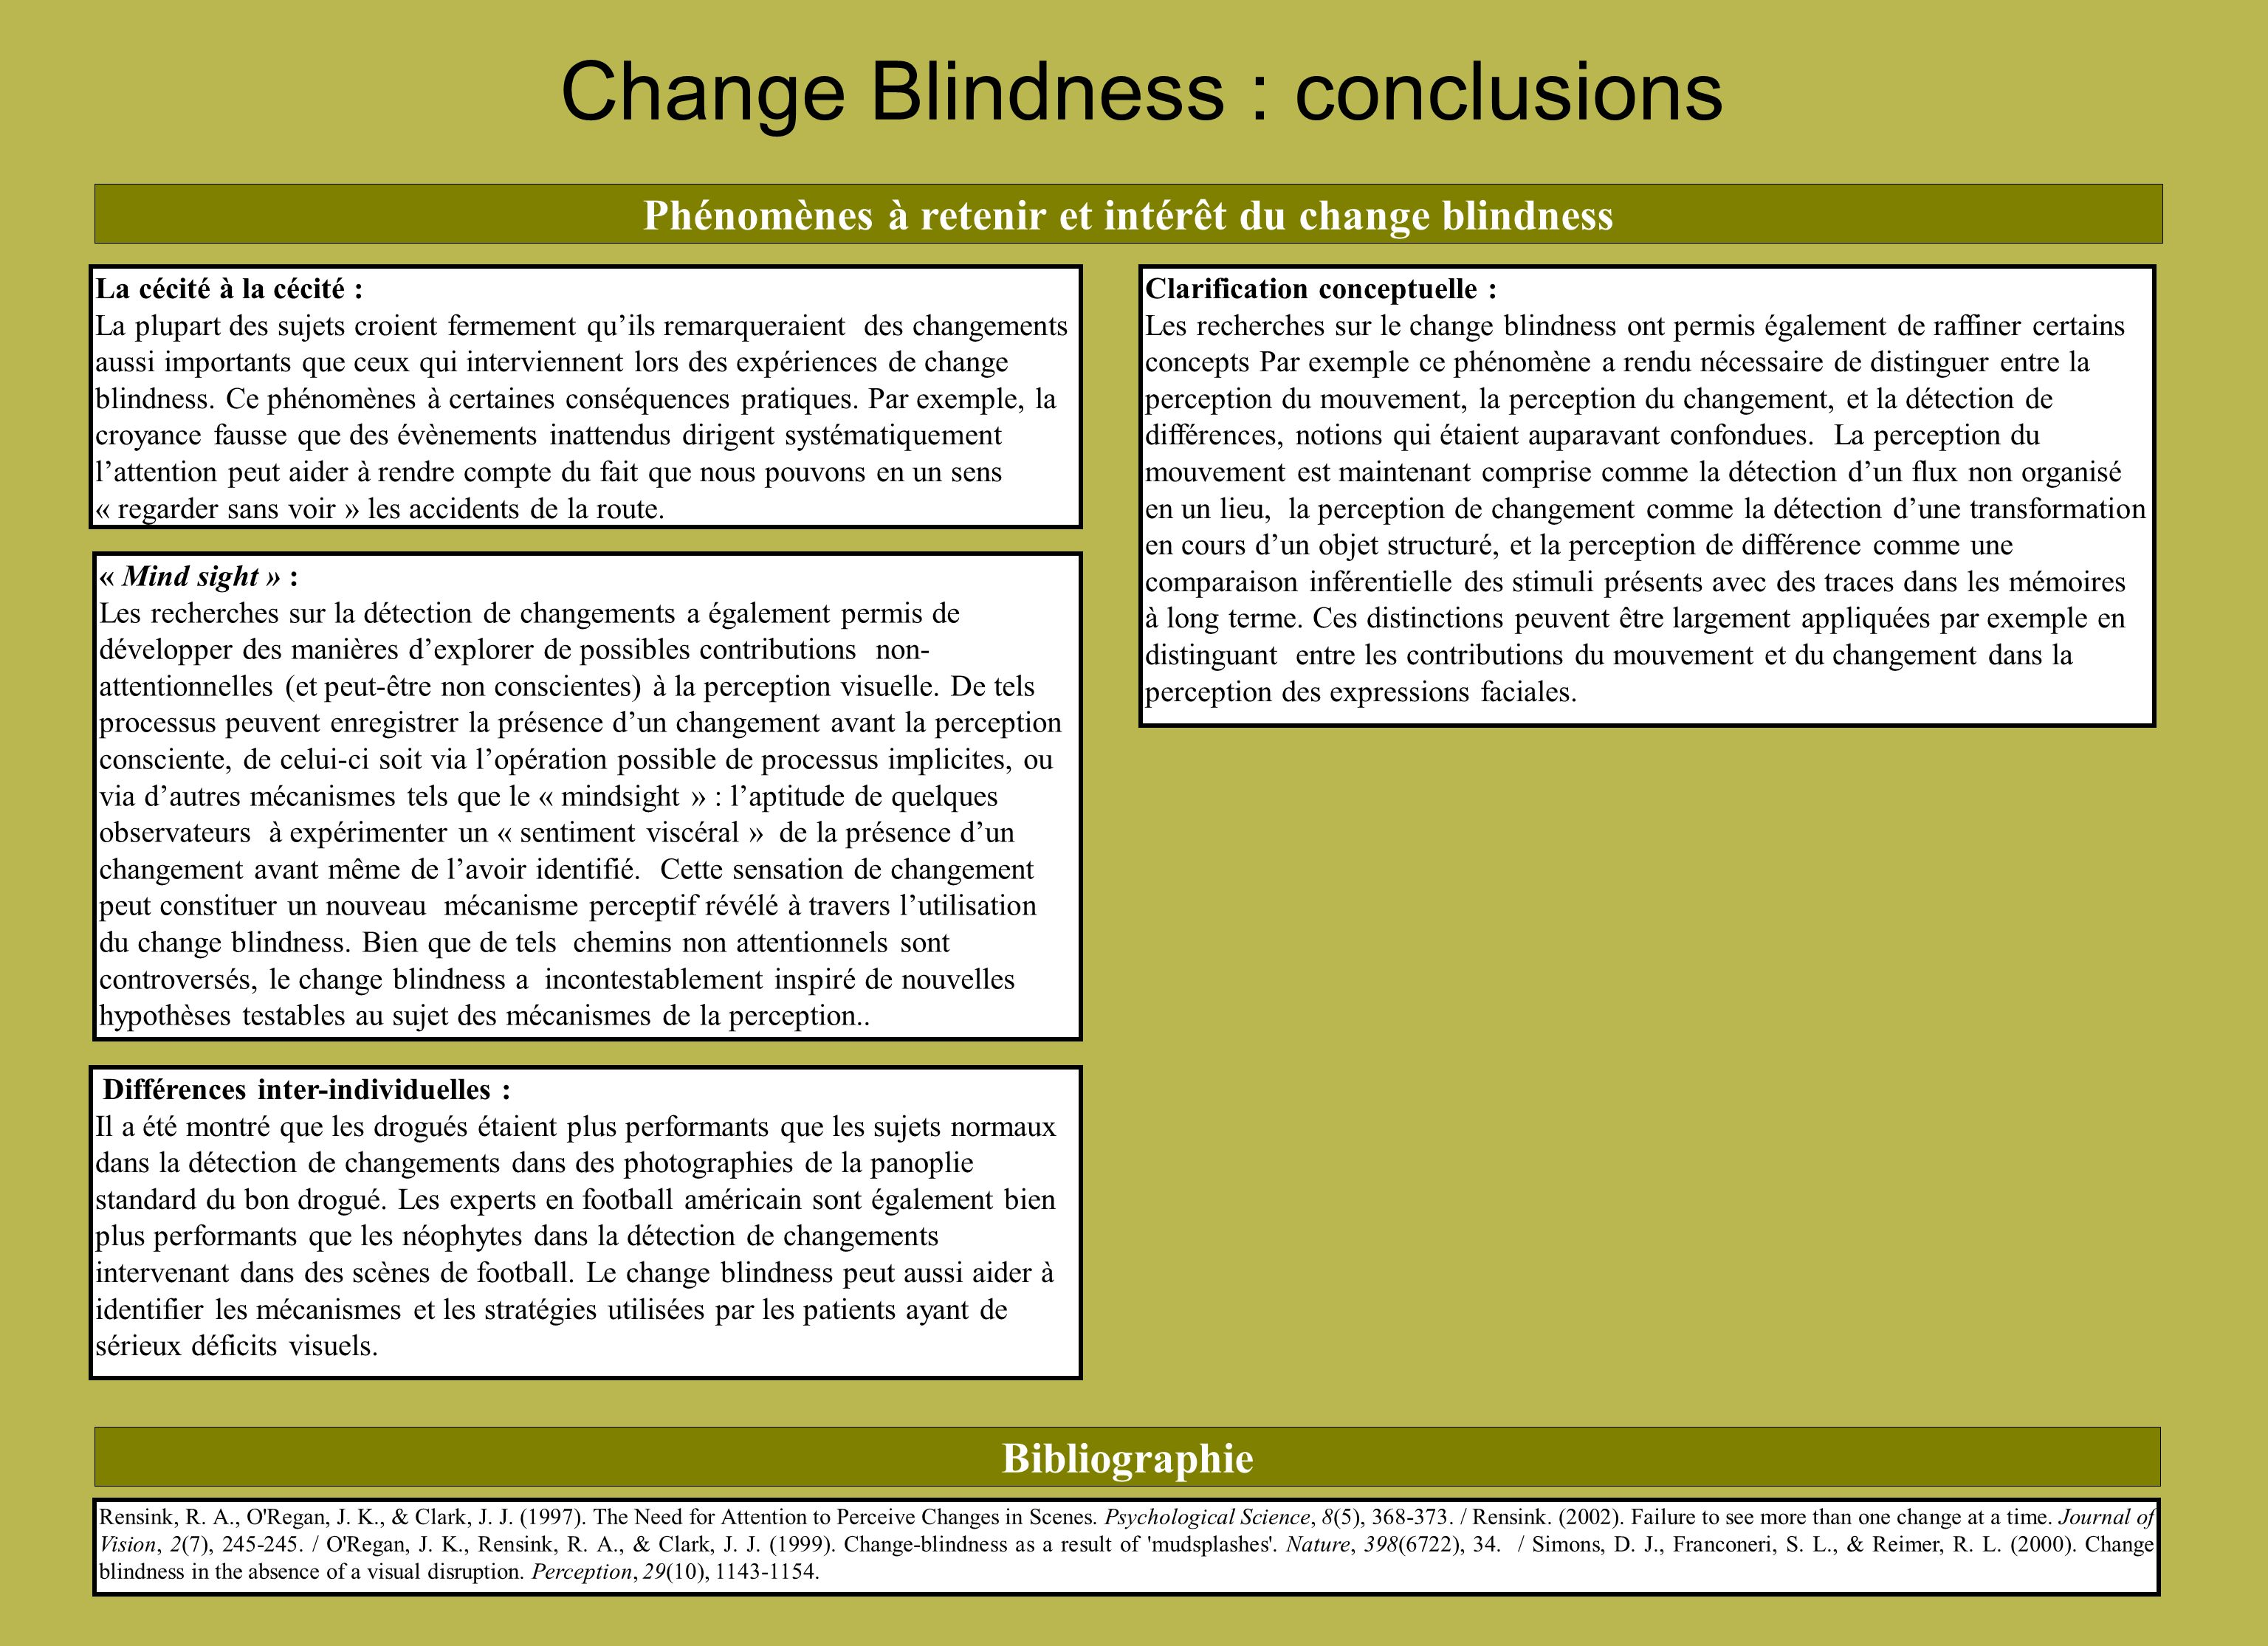 Phénomènes à retenir et intérêt du change blindness